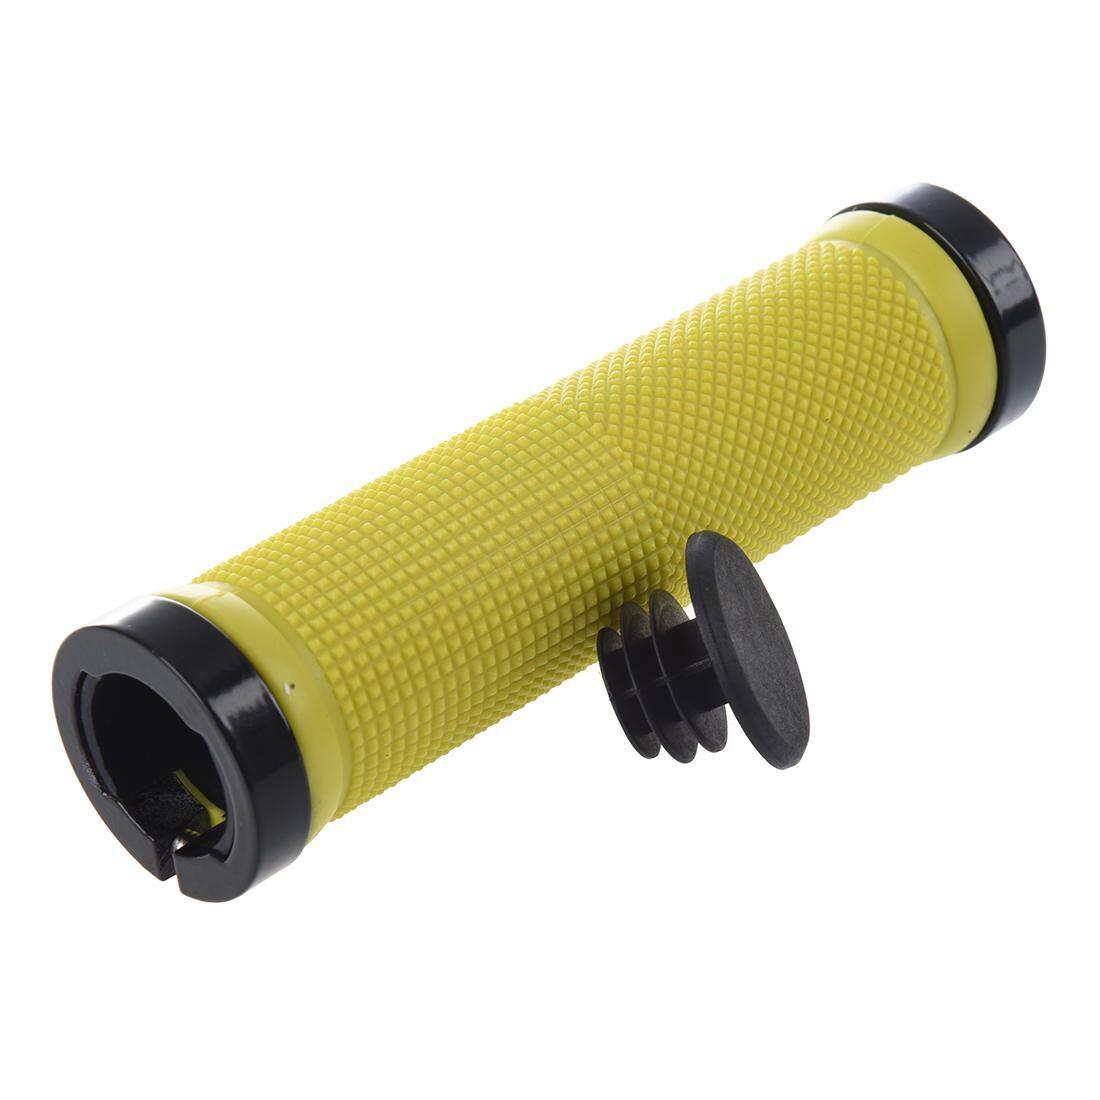 Vanker Karet Ergonomis Bersepeda Mtb Sepeda Gunung Kunci Grip Hitam Ganda Jalan Bmx Siklus Mengunci Pada Pengunci Stang Grips Kuning